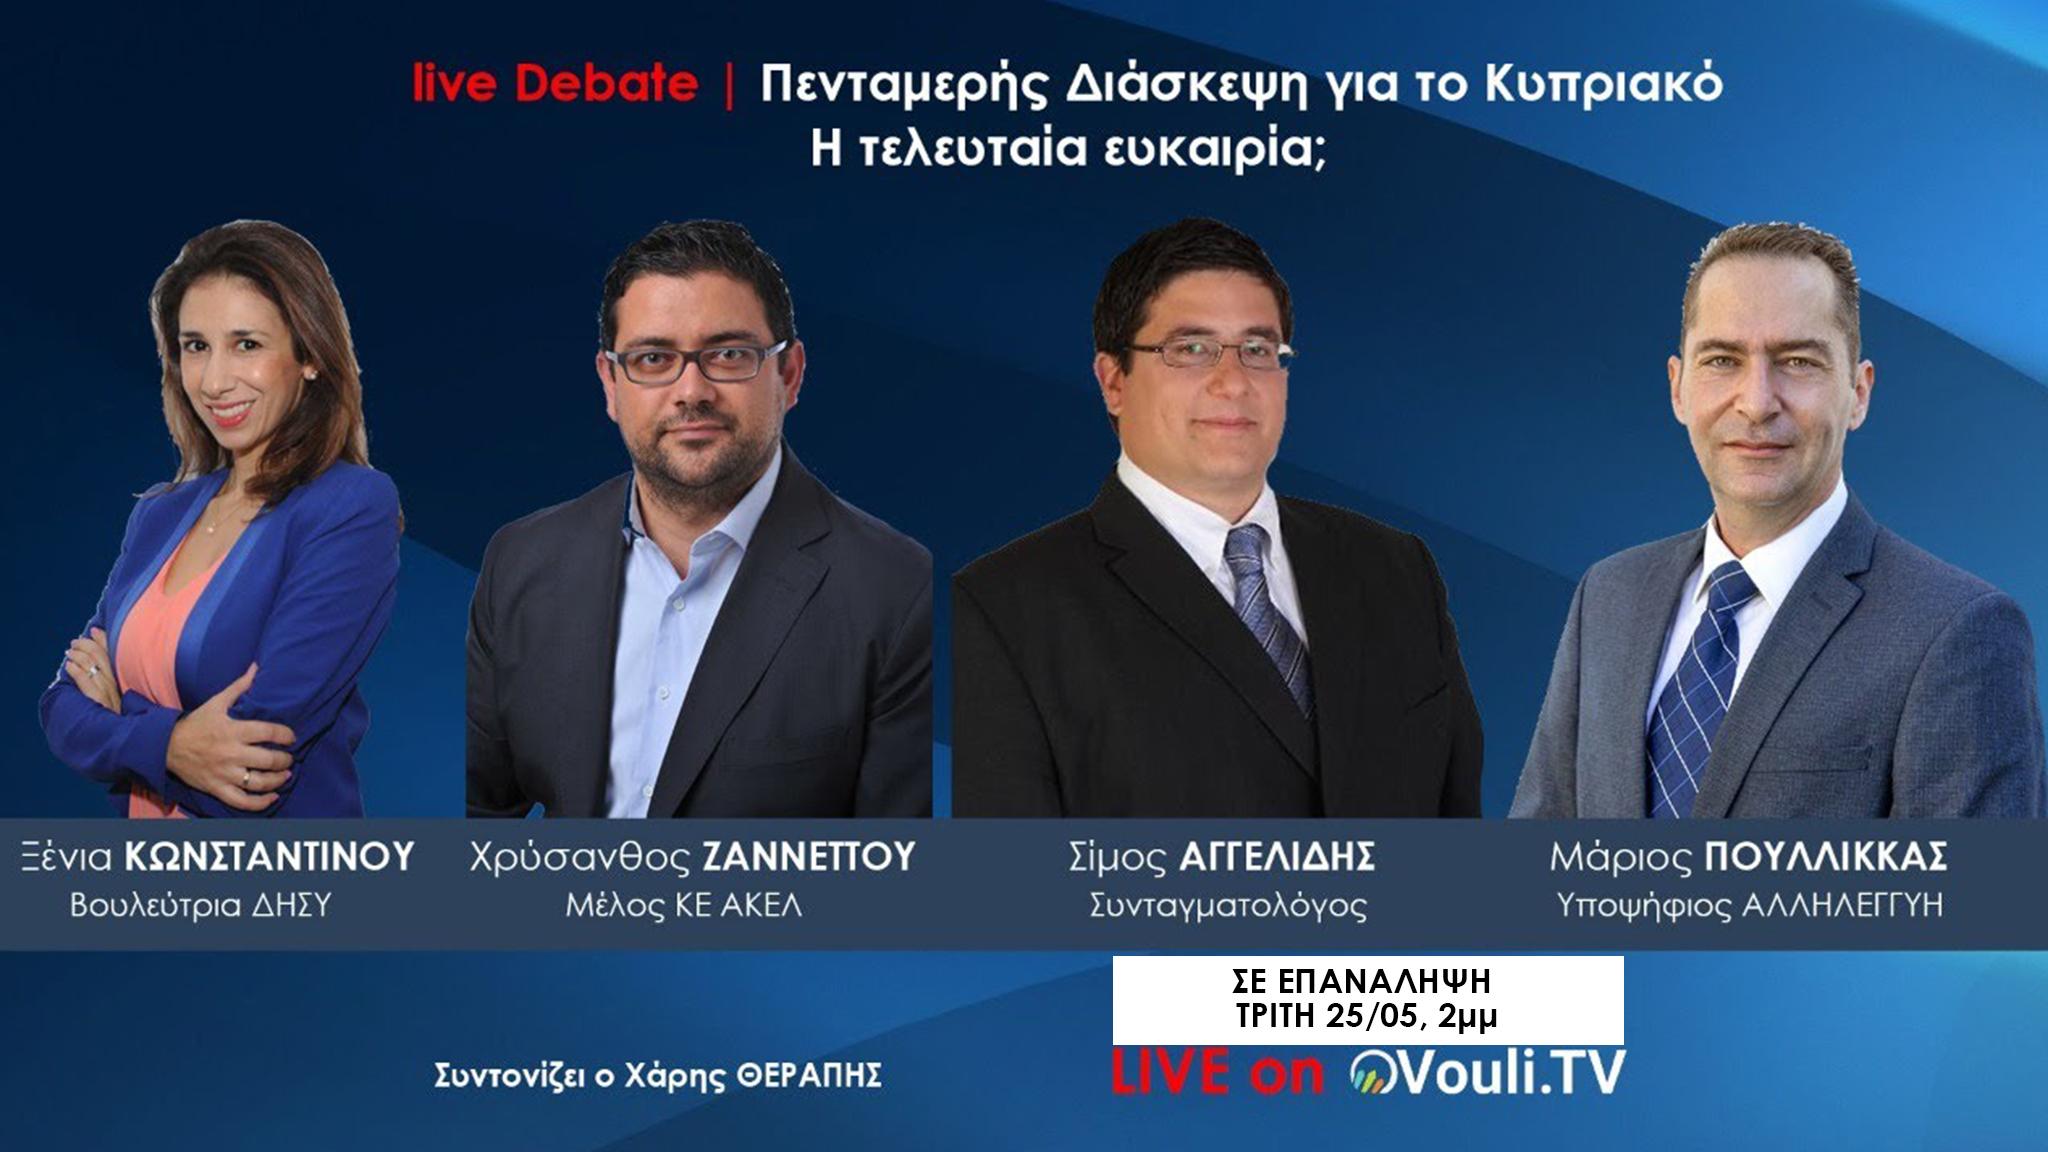 Σε επανάληψη   Η Πενταμερής Διάσκεψη για το Κυπριακό, Η Τελευταία Ευκαιρία; Τρίτη 25/05/2021, 2μμ